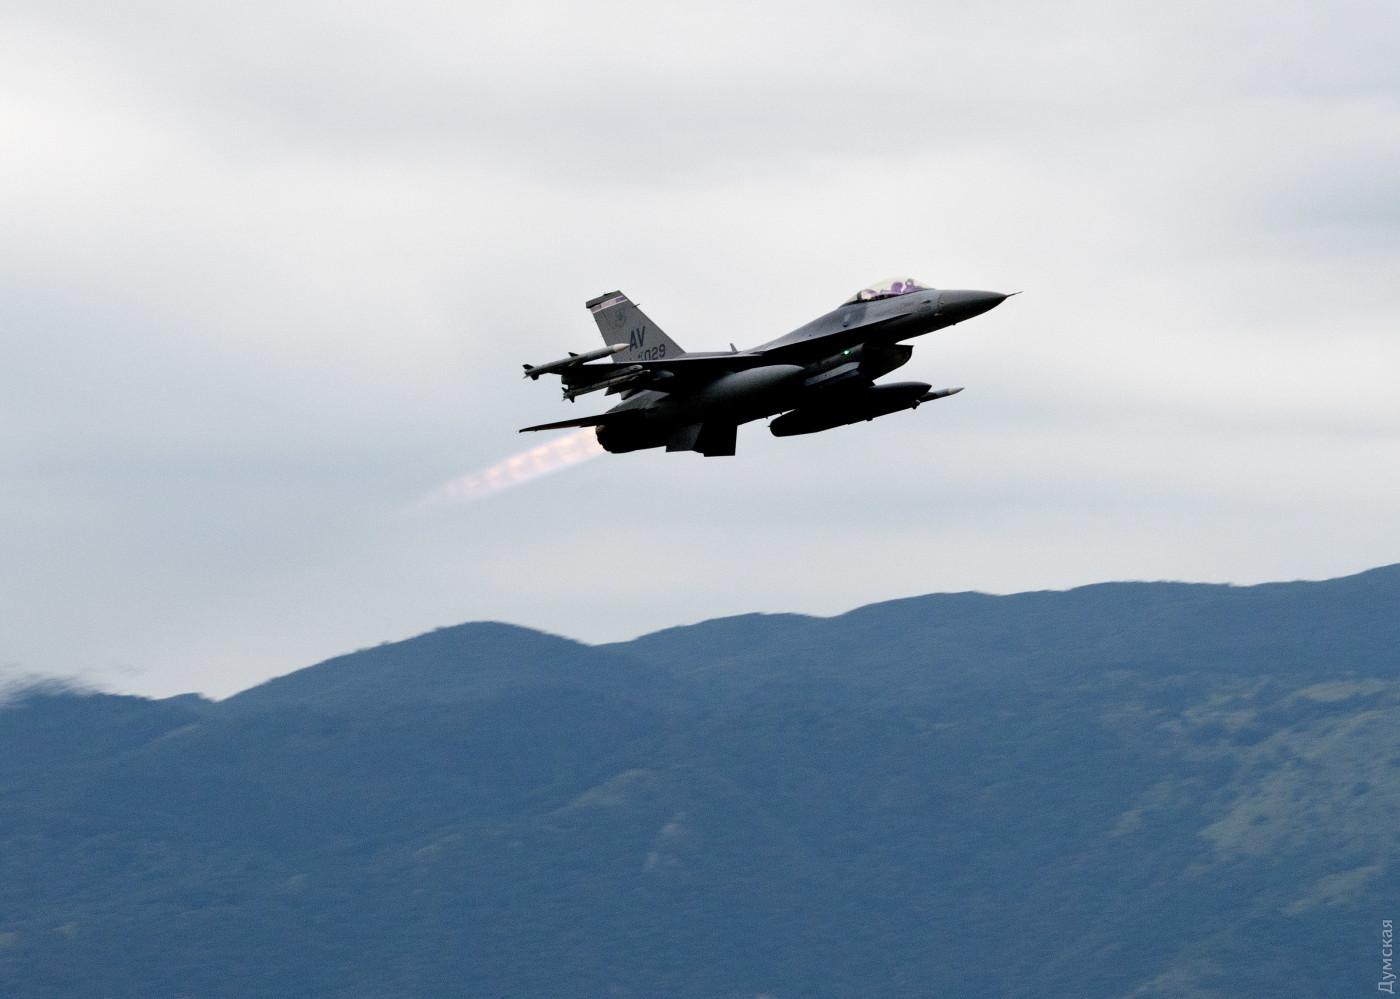 Истребитель F-16 взлетает с авиабазы Авиано для тренировки над Черным морем. Фото: пресс-служба ВВС США